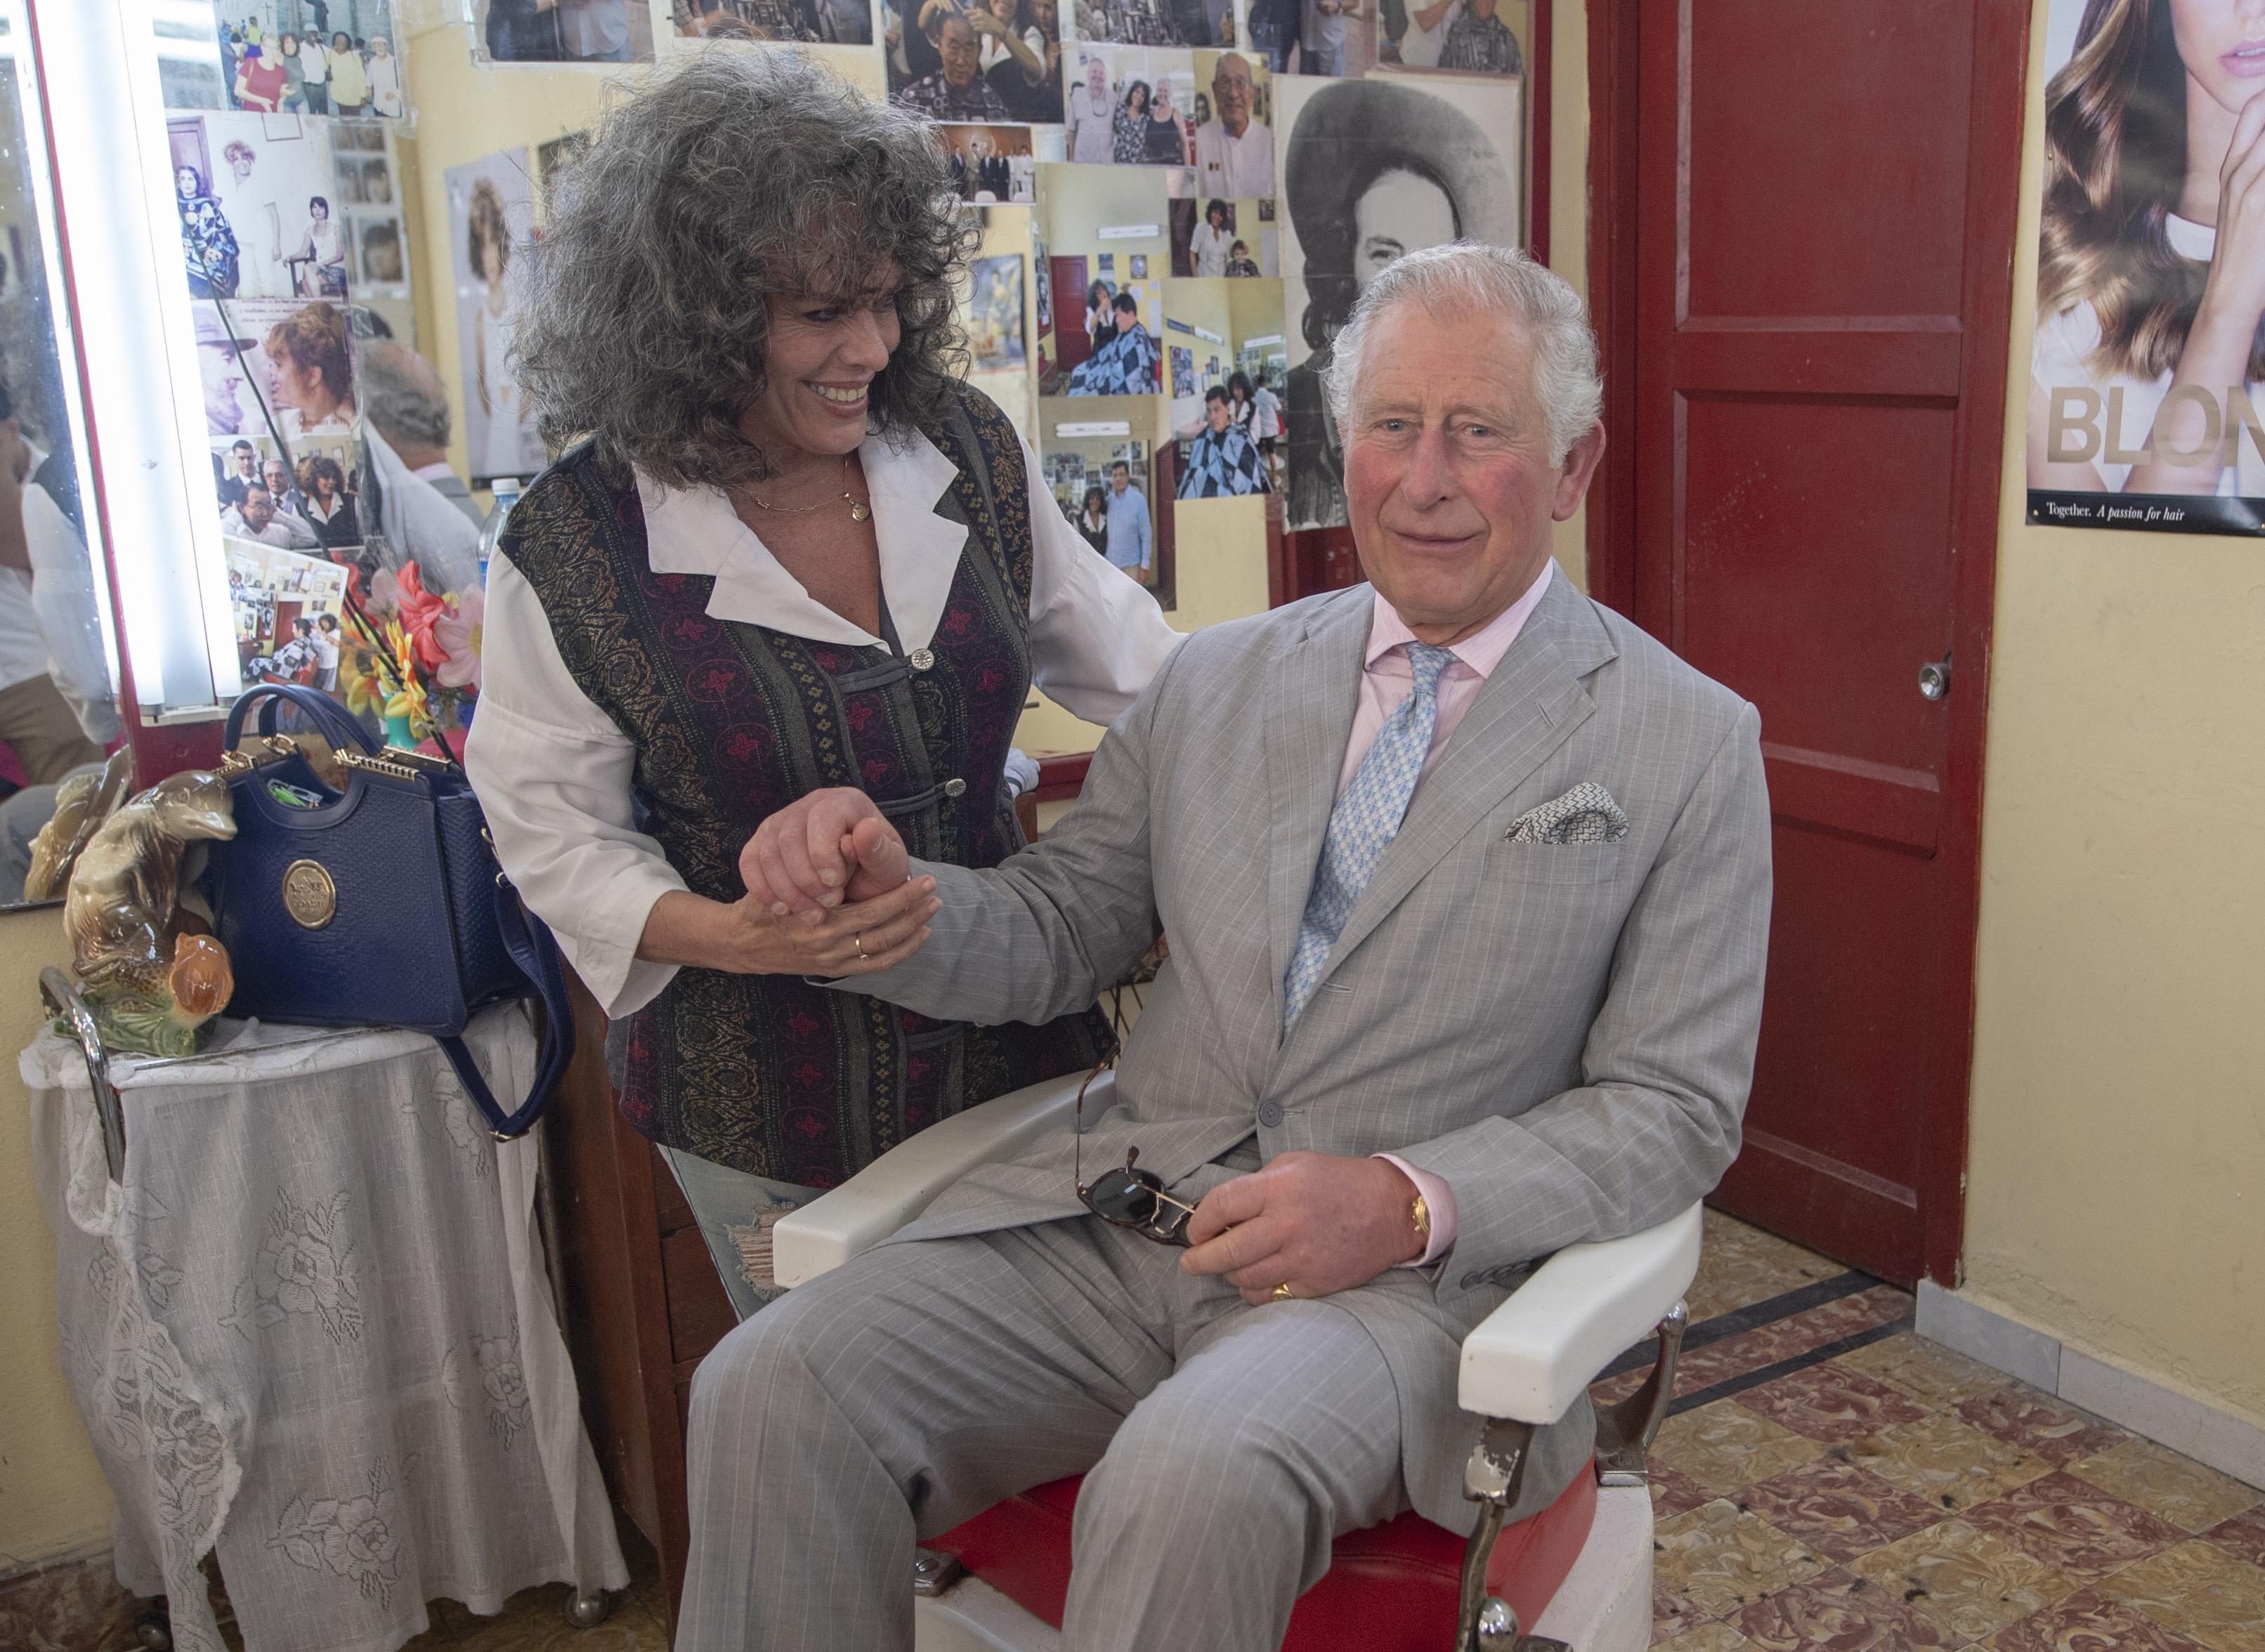 """""""Нямах представа, че един принц може да бъде толкова земен и ще избере да посети подобно скромно място, където да приседне и разговаря"""", сподели 58-годишната частничка Хосефина Ернандес. Принц Чарлз обаче е отказал предложената му подстрижка, тъй като наскоро е оформил прическата си."""